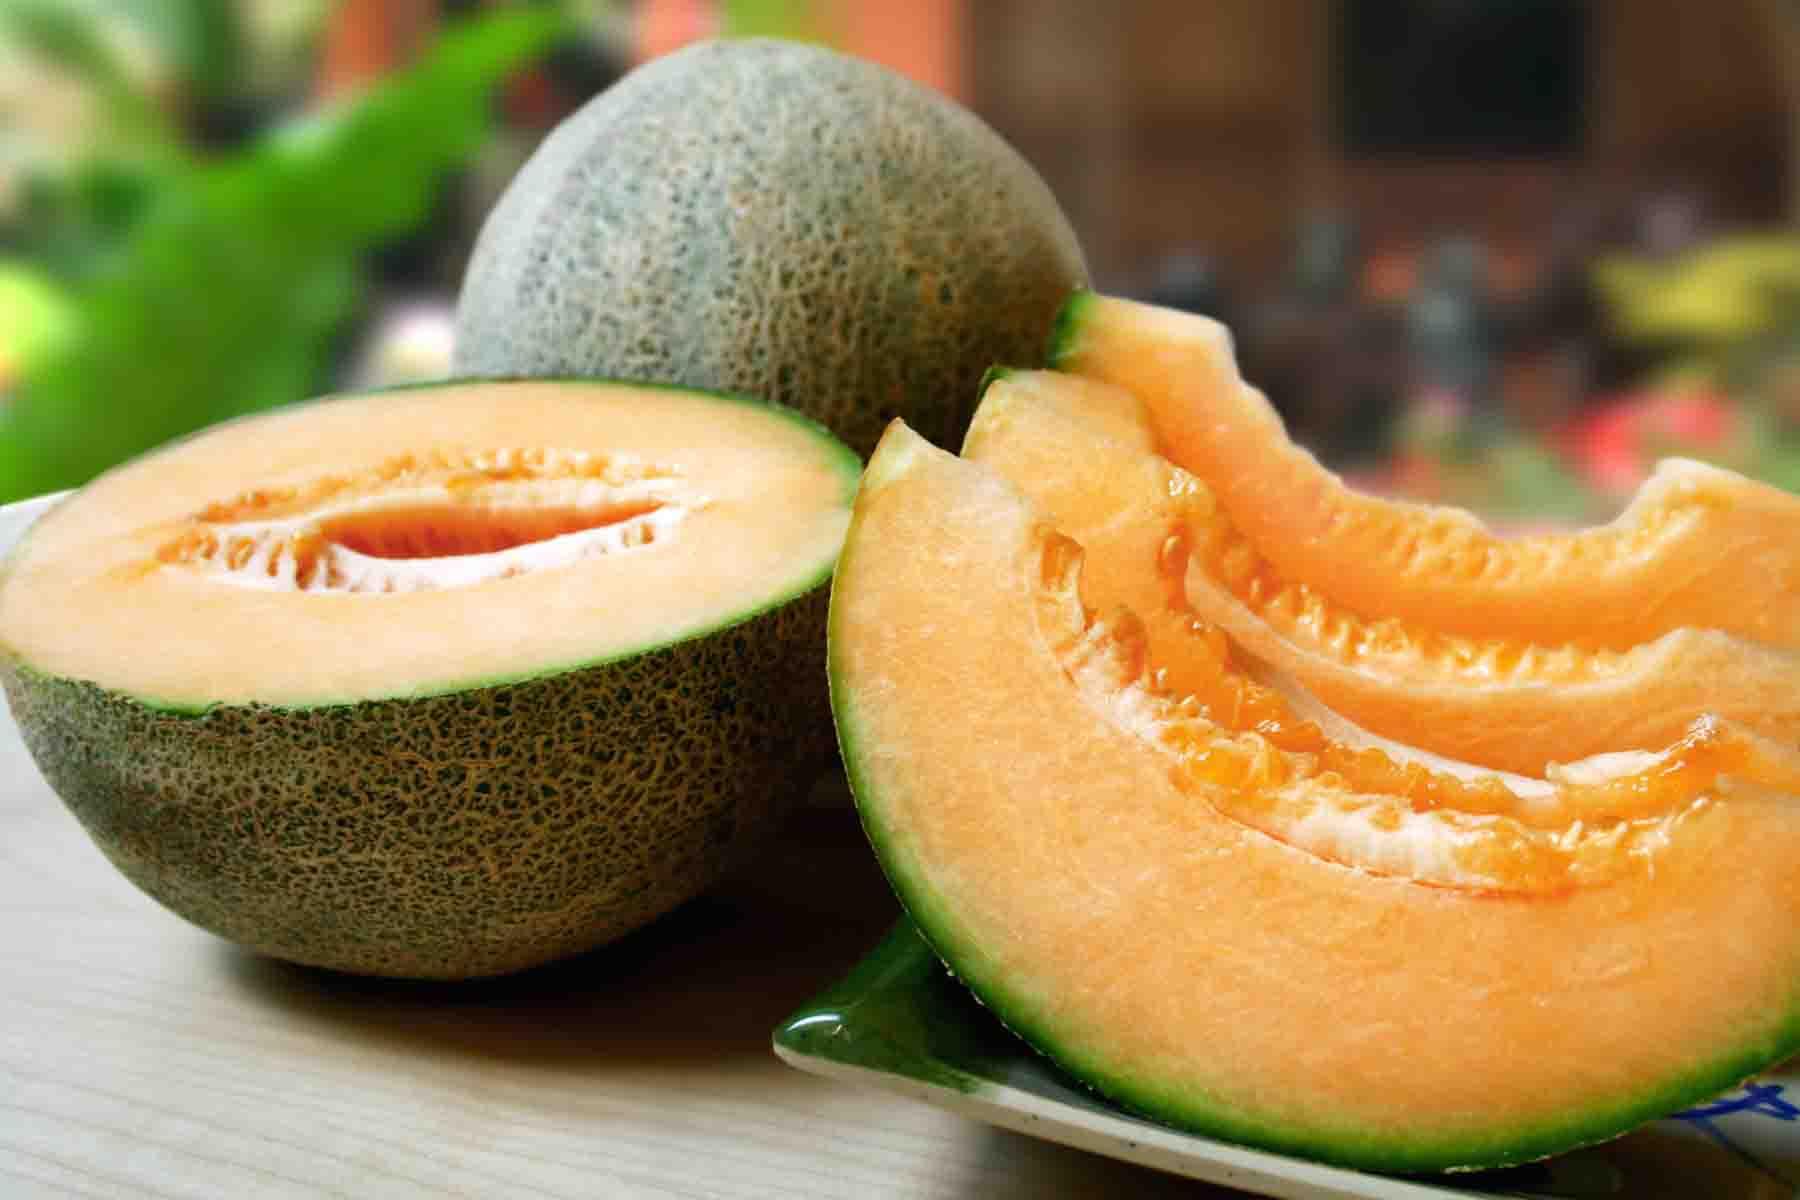 El jugo de melon sirve para adelgazar